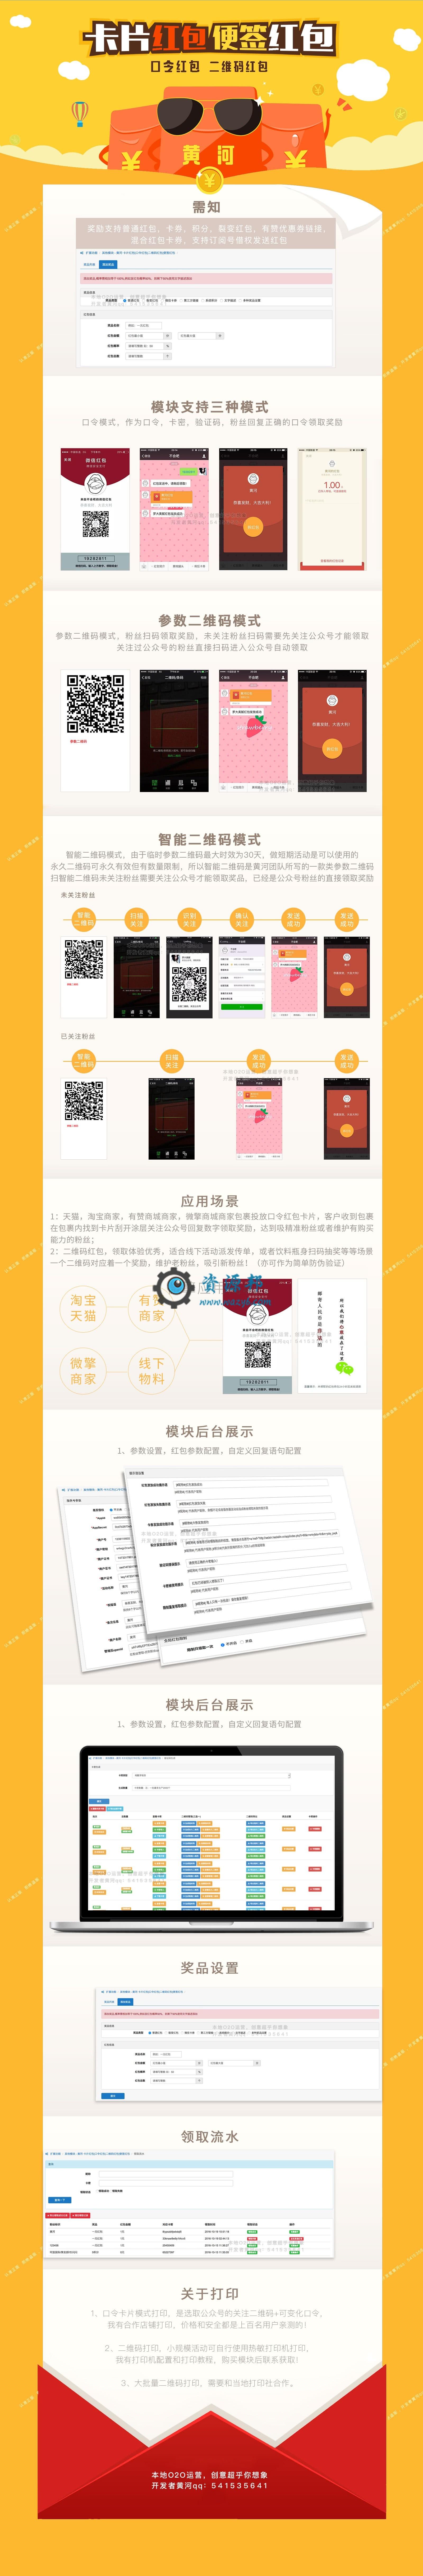 【永久会员专享】黄河·二维码口令红包正版打包更新【更新至V9.0.6】 第10张